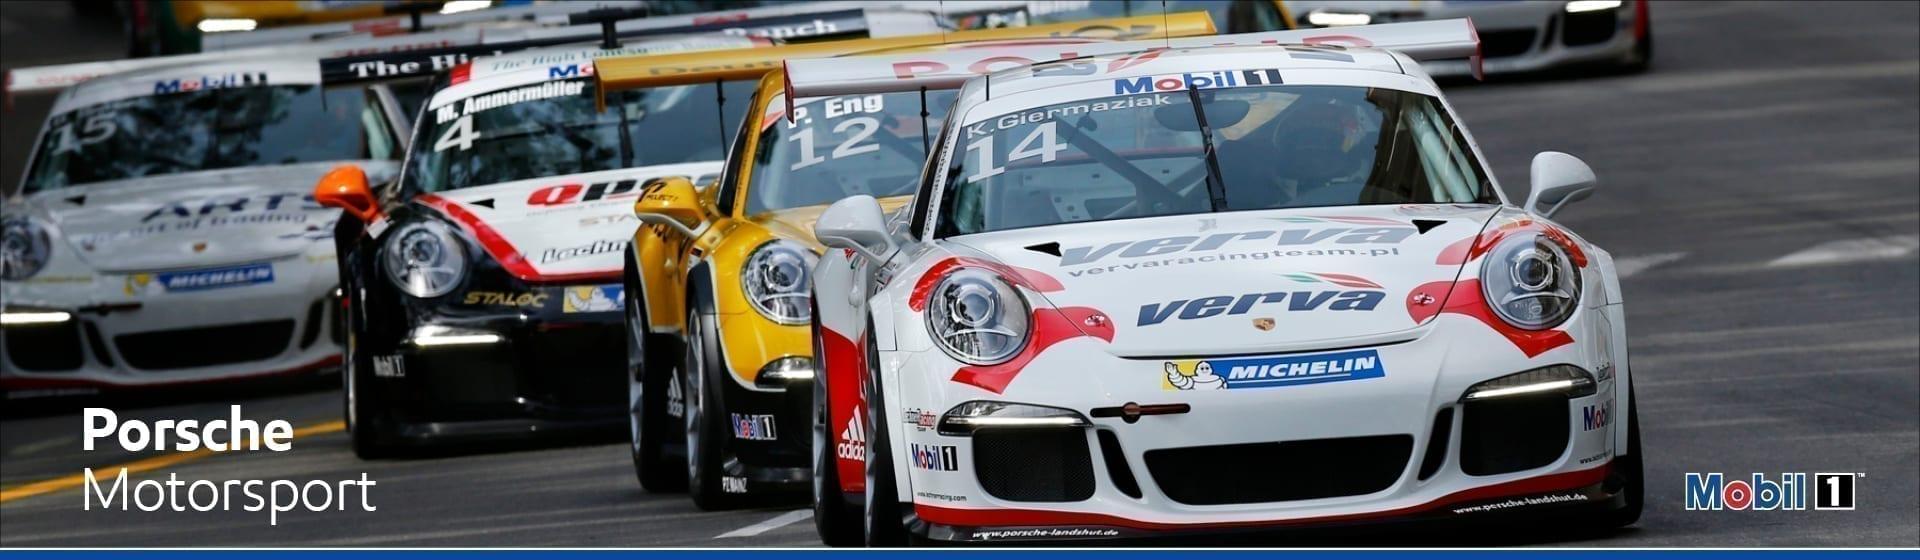 M1 - Web_Heroes-2020_Motorsport-Porsche